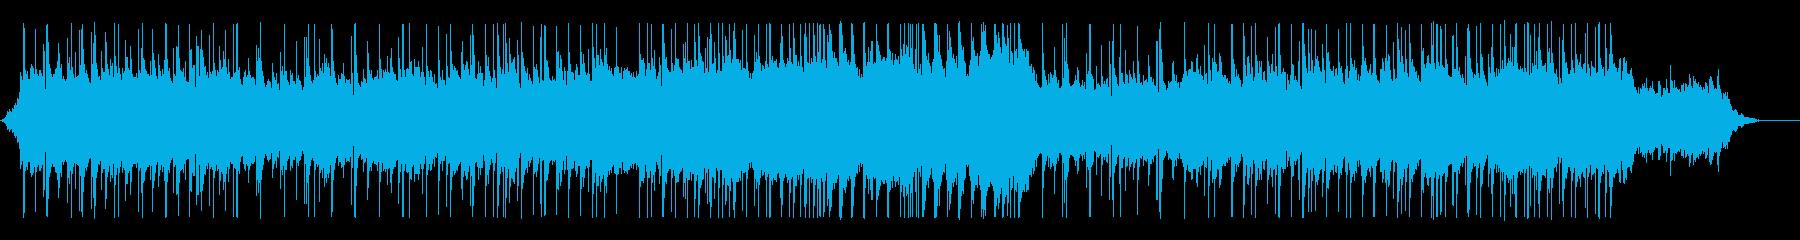 幻想的アルペジオが綺麗なバラードインストの再生済みの波形